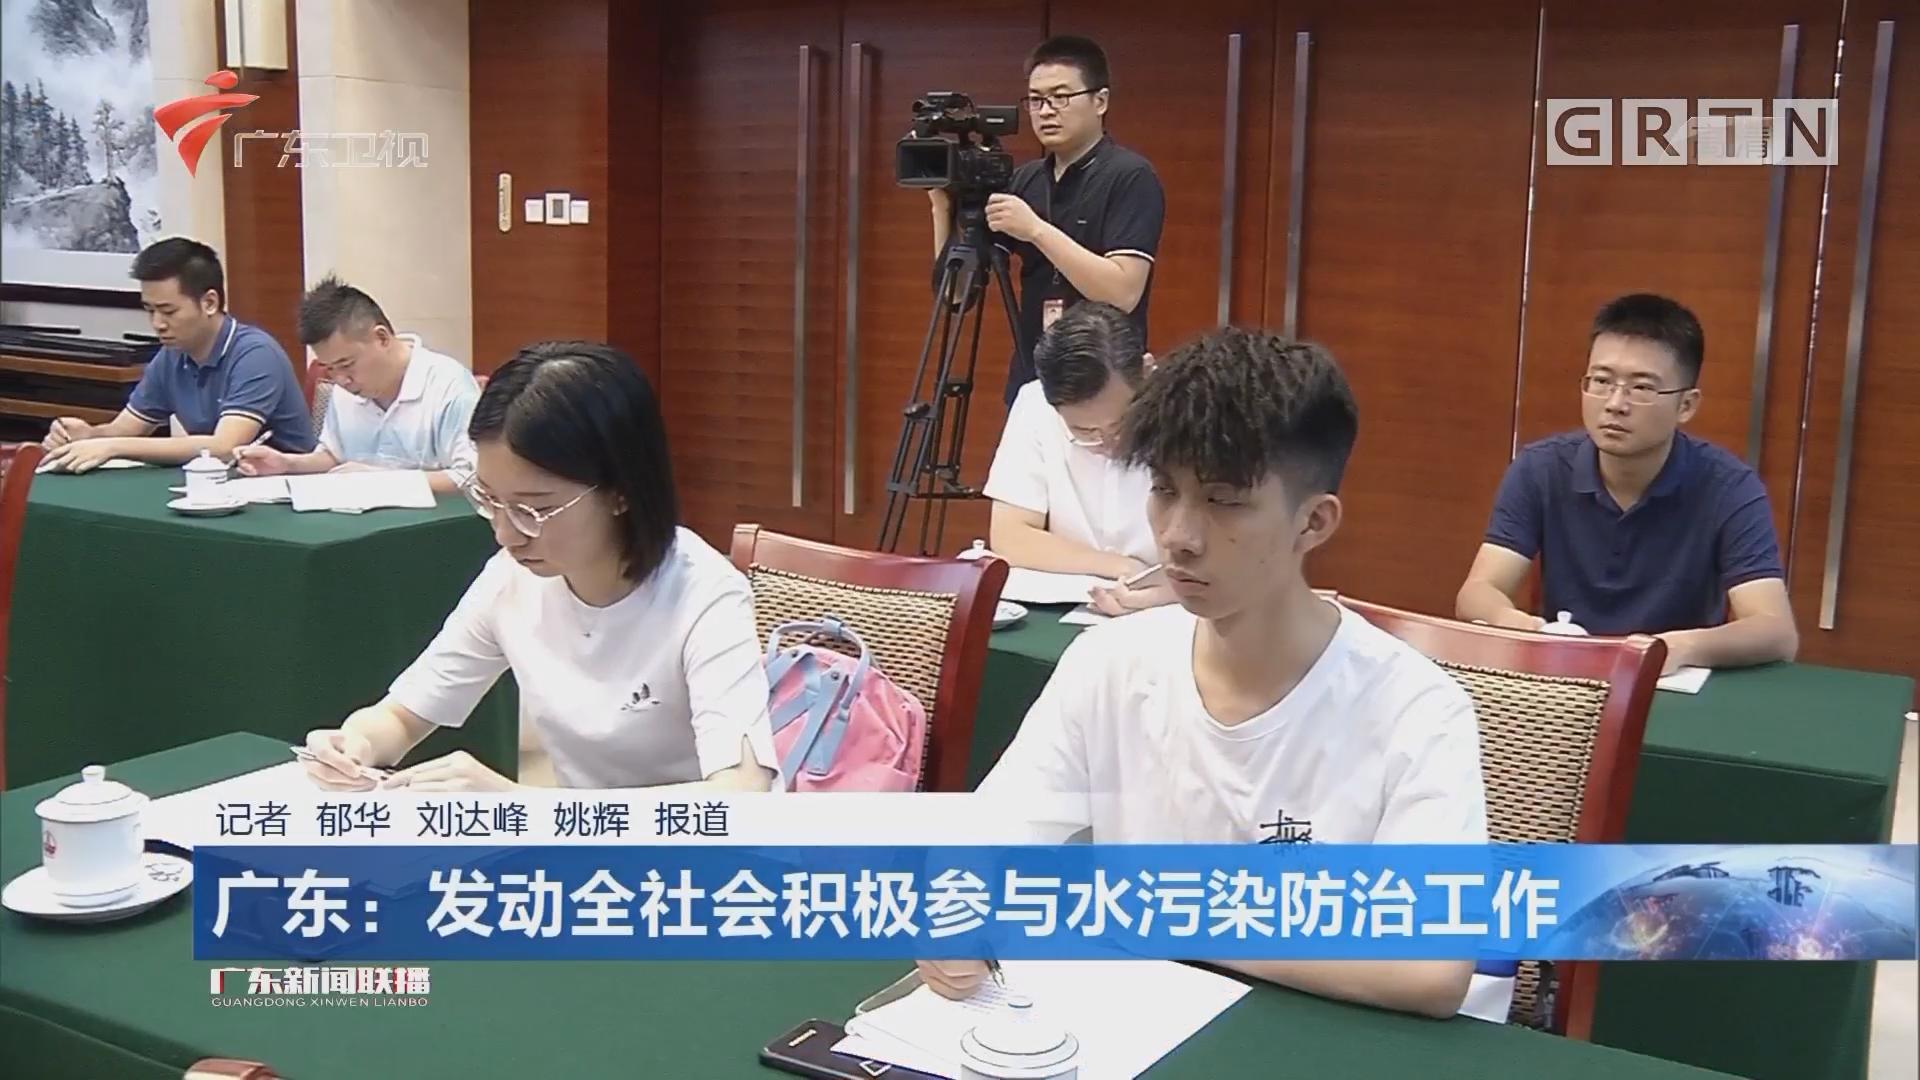 廣東:發動全社會積極參與水污染防治工作